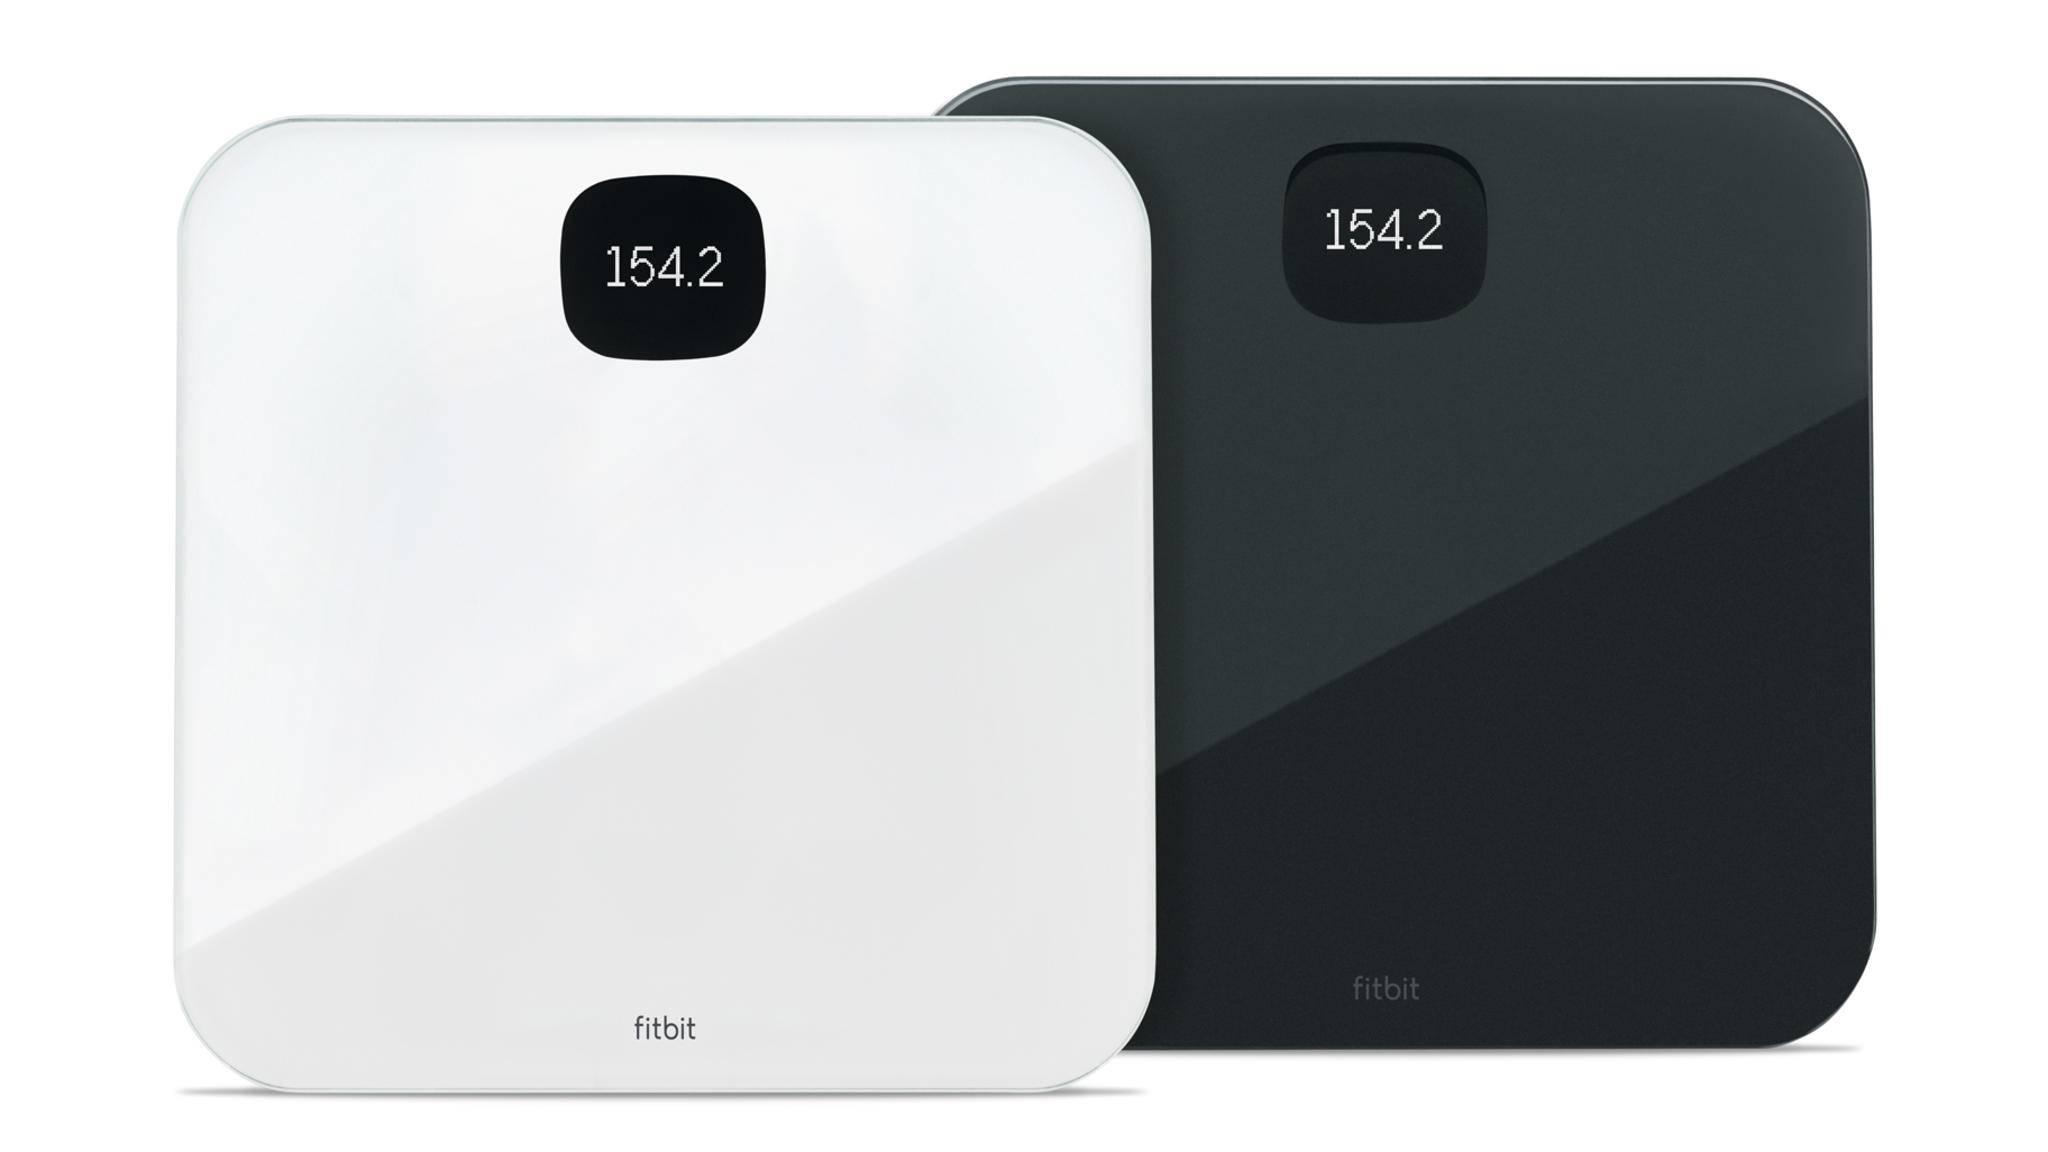 Die Fitbit Aria Air erscheint in den Farben Weiß und Schwarz.